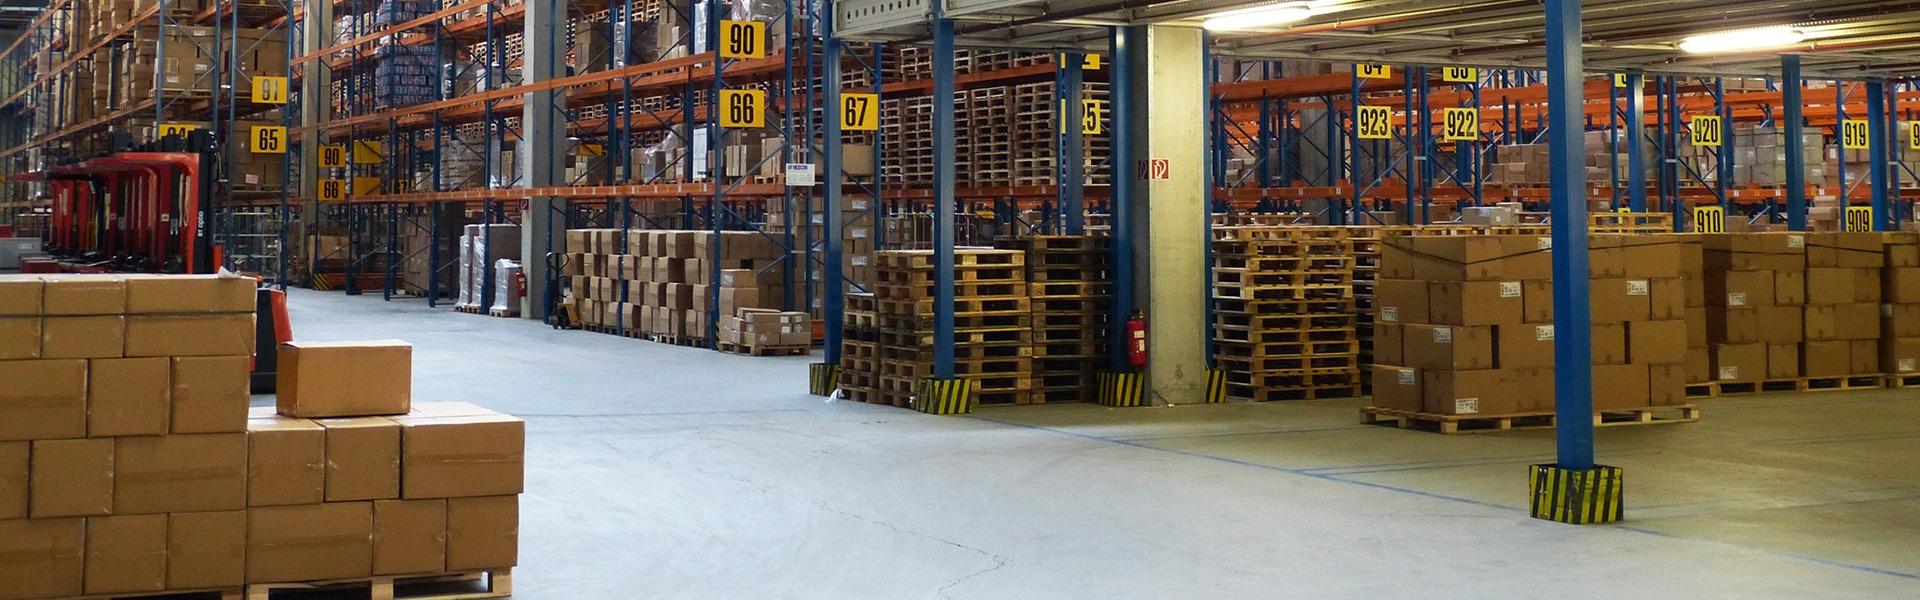 Blick in ein Hochregallager mit Paletten voller Kartons.